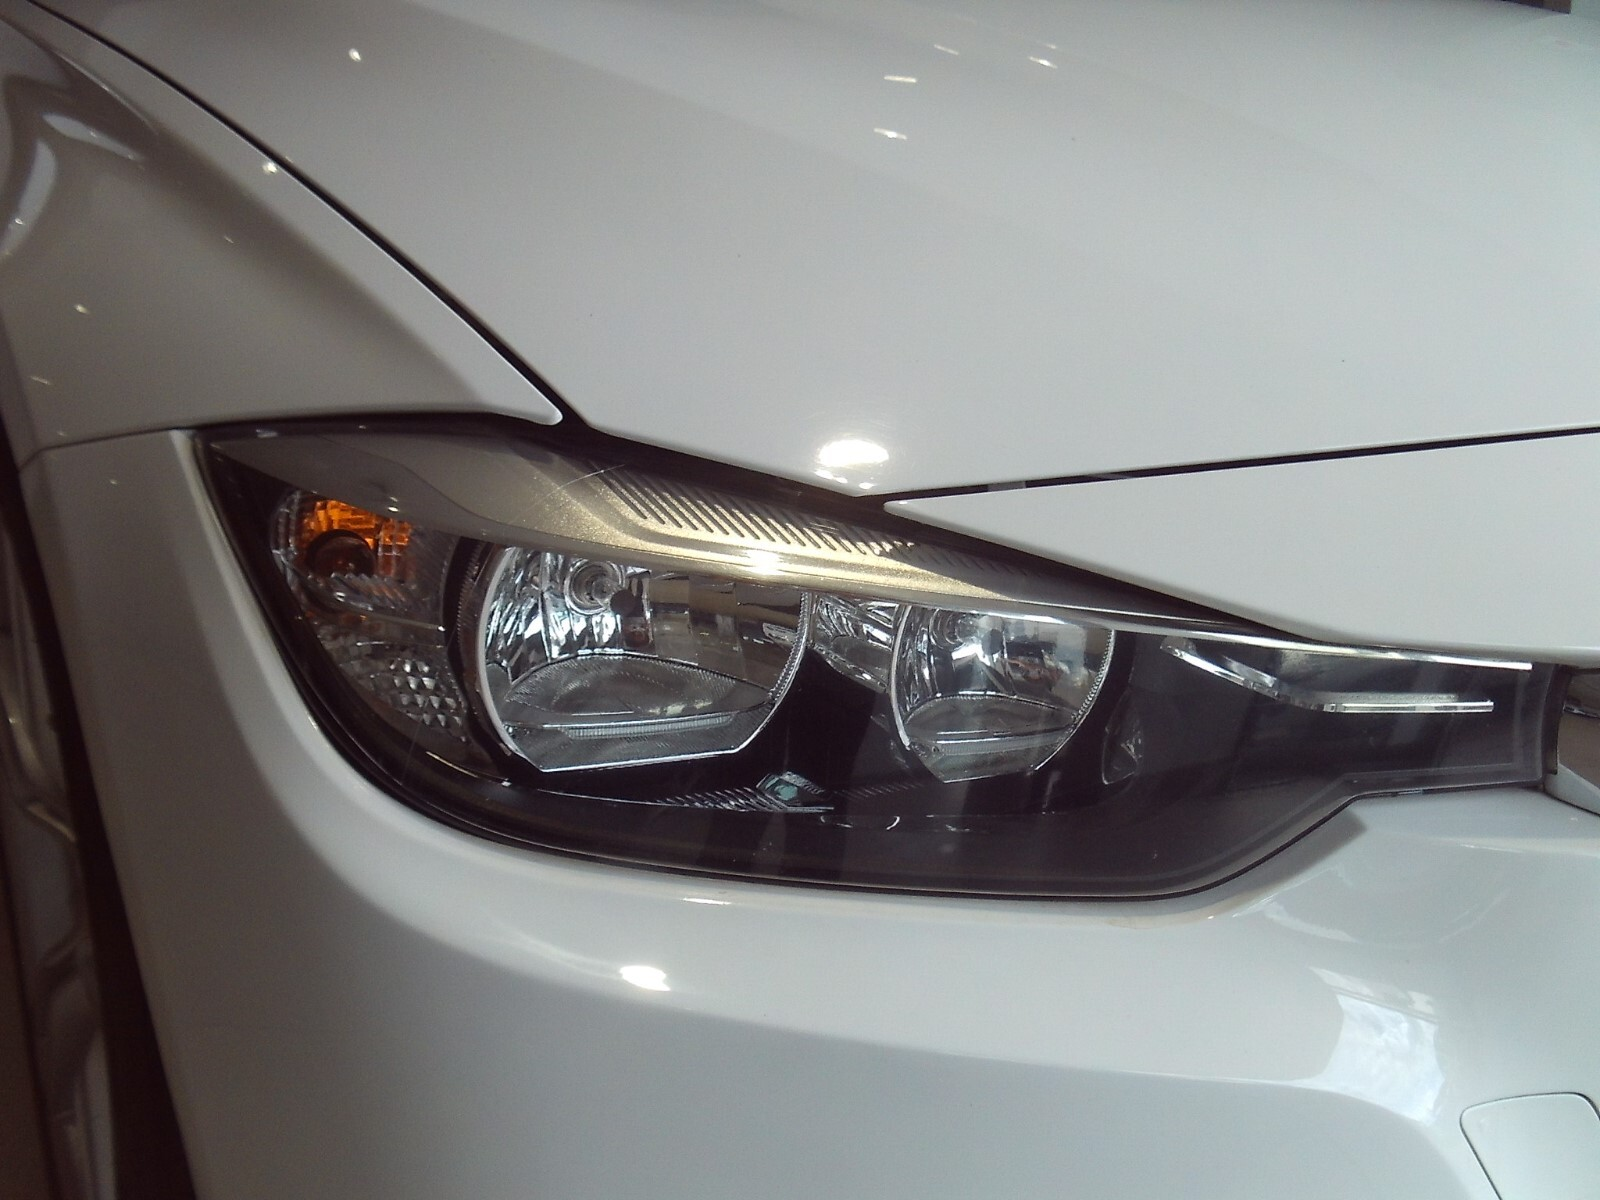 BMW 318i M SPORT A/T (F30) Roodepoort 4335162